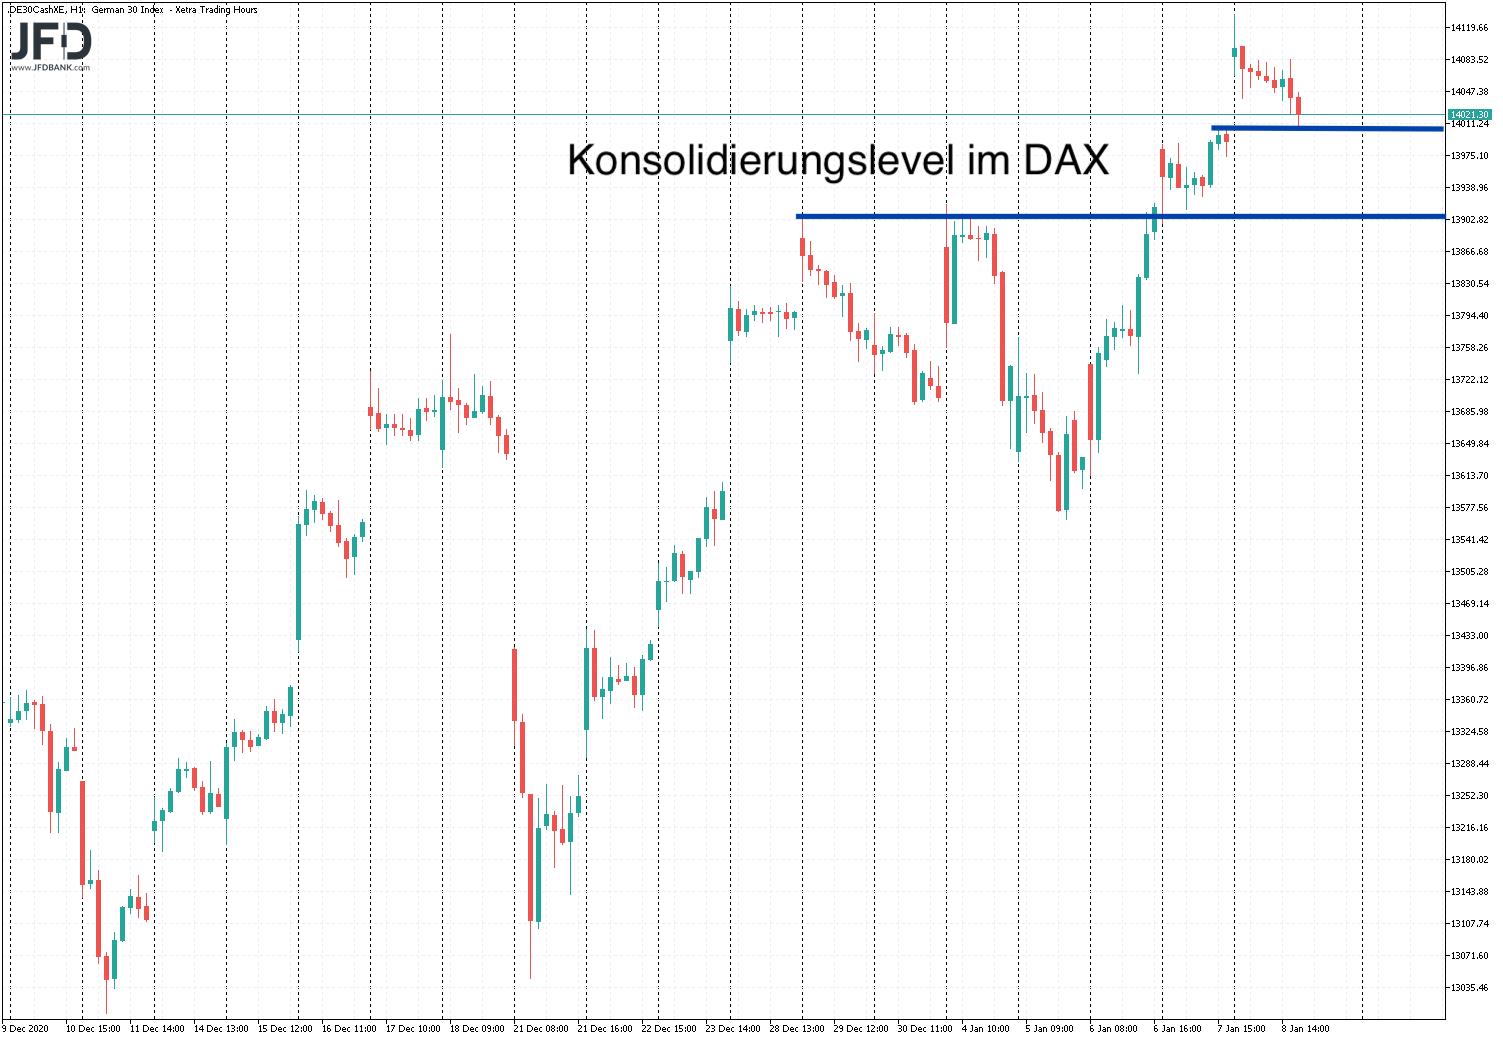 Korrektur-Montag-bereits-ausreichend-bei-DAX-und-Bitcoin-Kommentar-JFD-Bank-GodmodeTrader.de-1